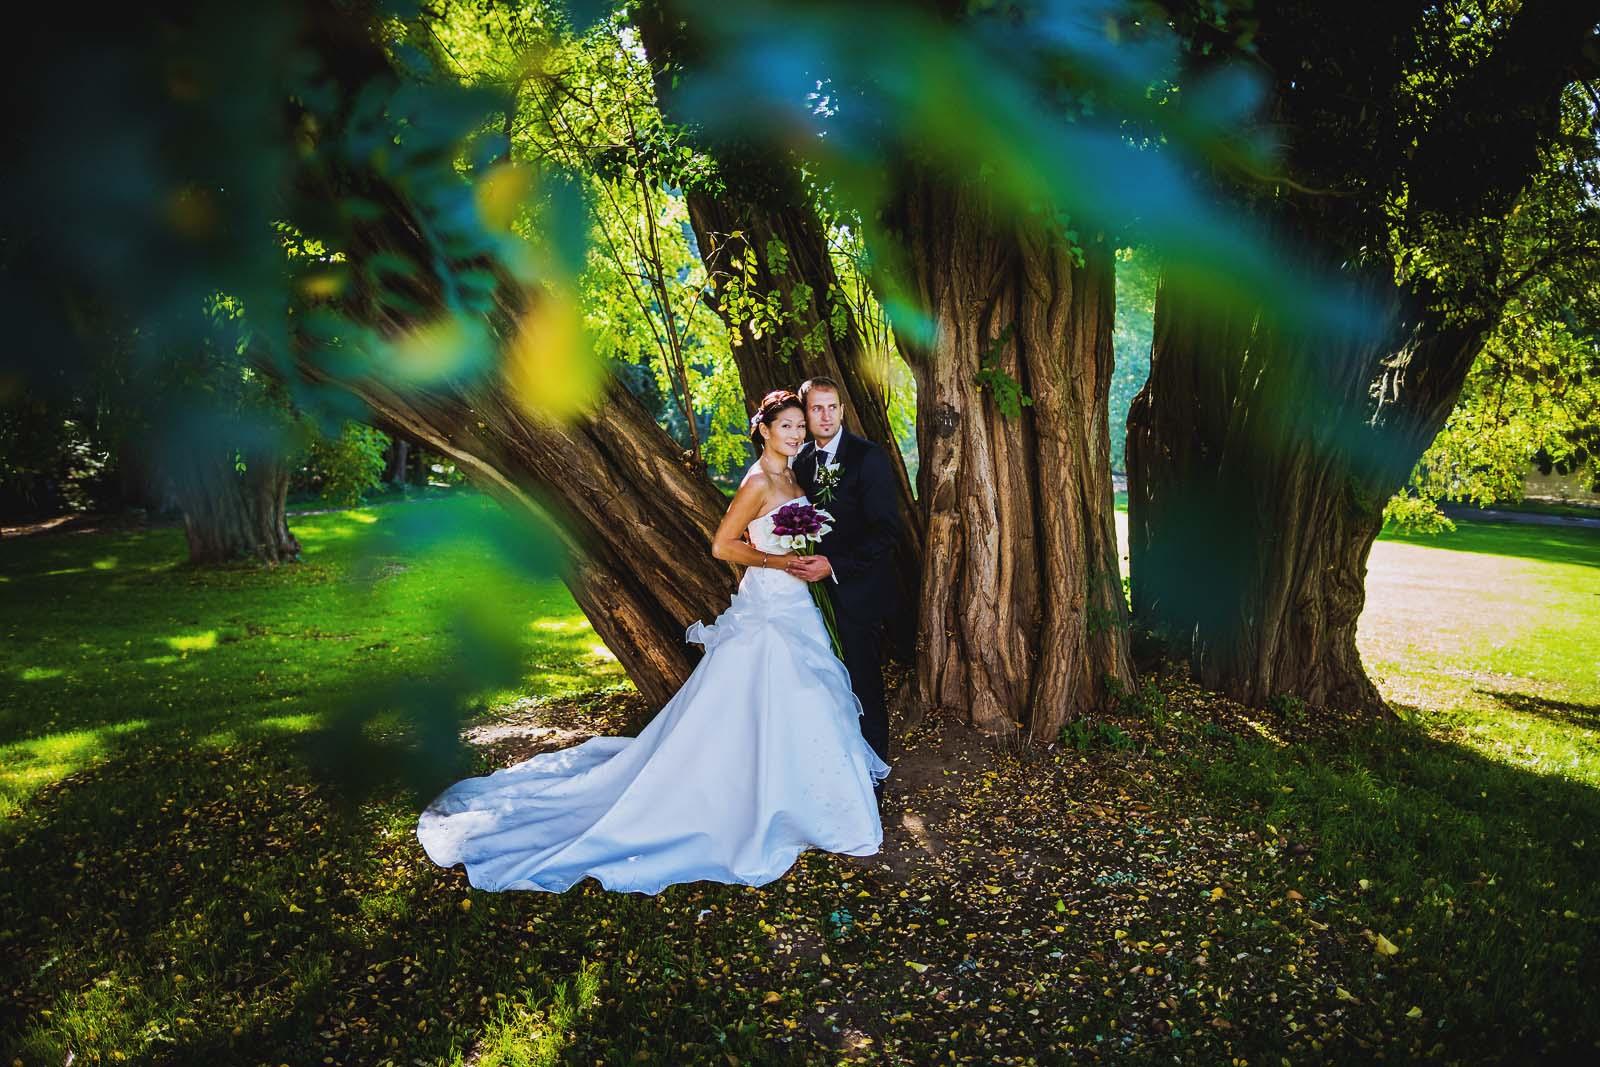 Fotoshooting unter einem Baum mit Brautpaar Hochzeitsfotograf Copyright by Hochzeitsfotograf www.berliner-hochzeitsfotografie.de